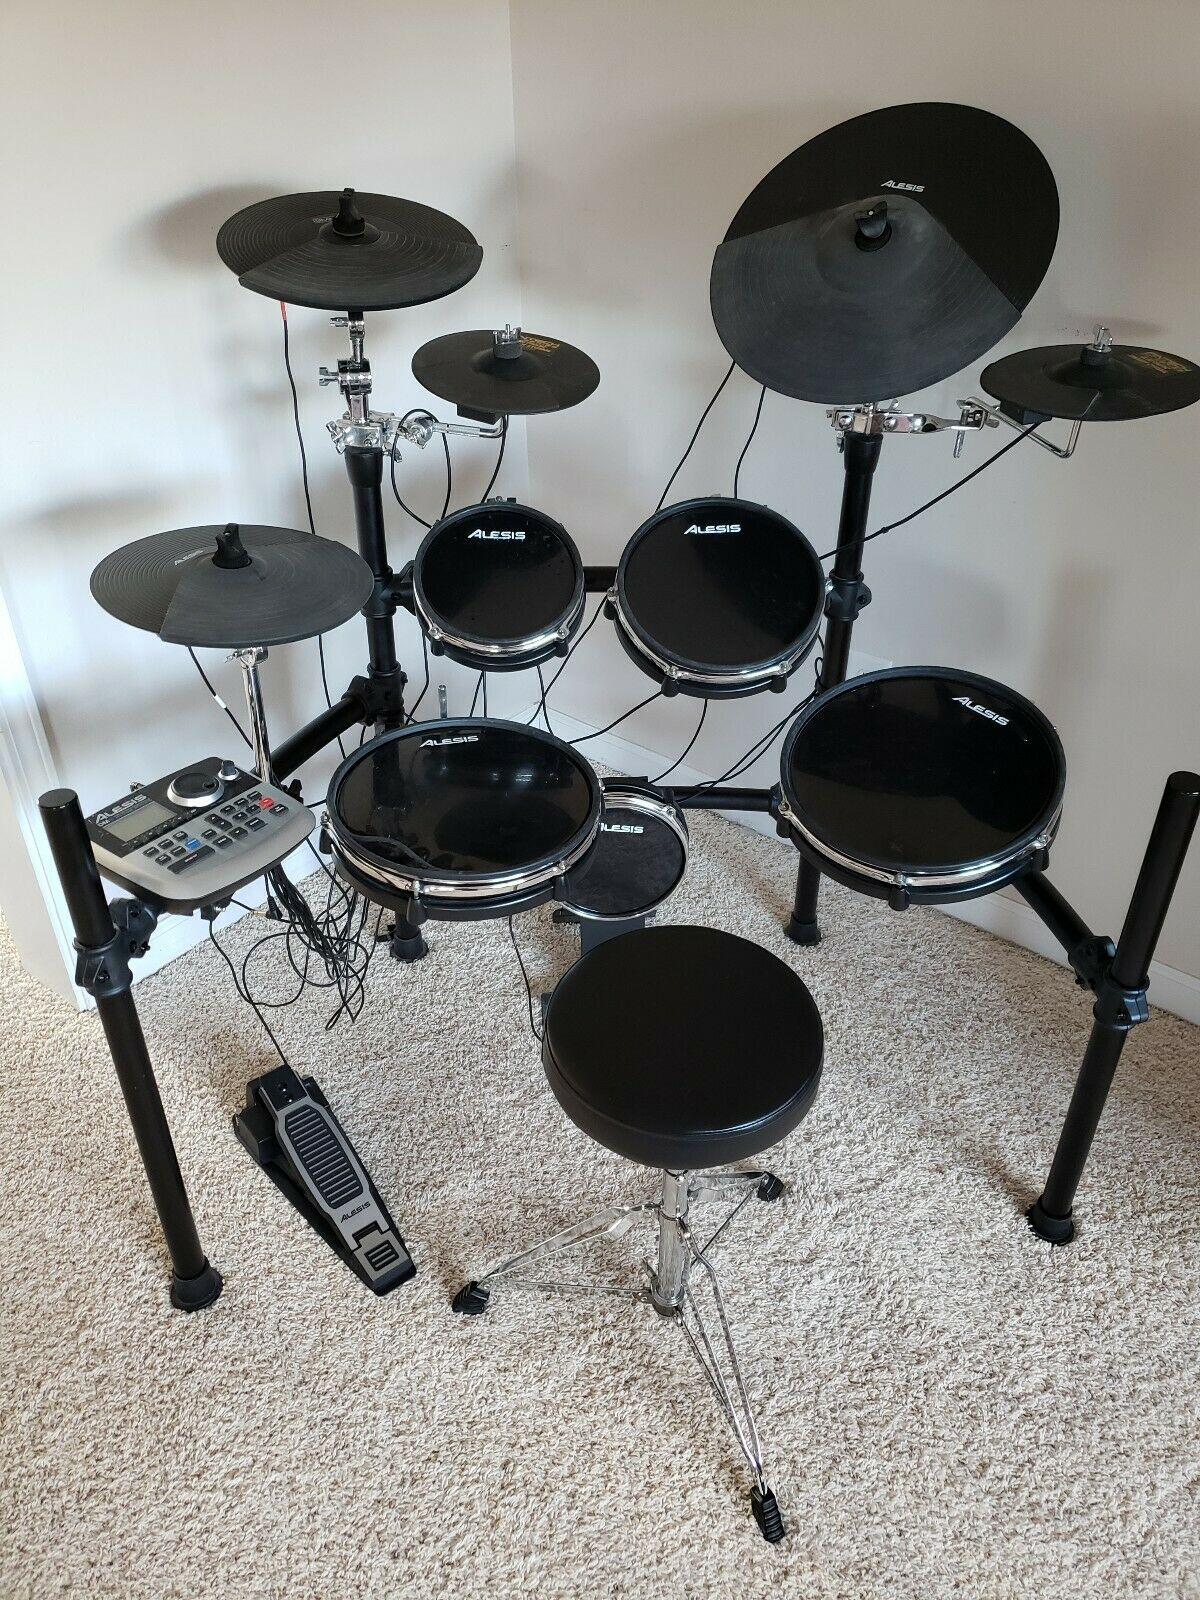 Alesis DM8 Pro elektronisches Drumset mit Extras